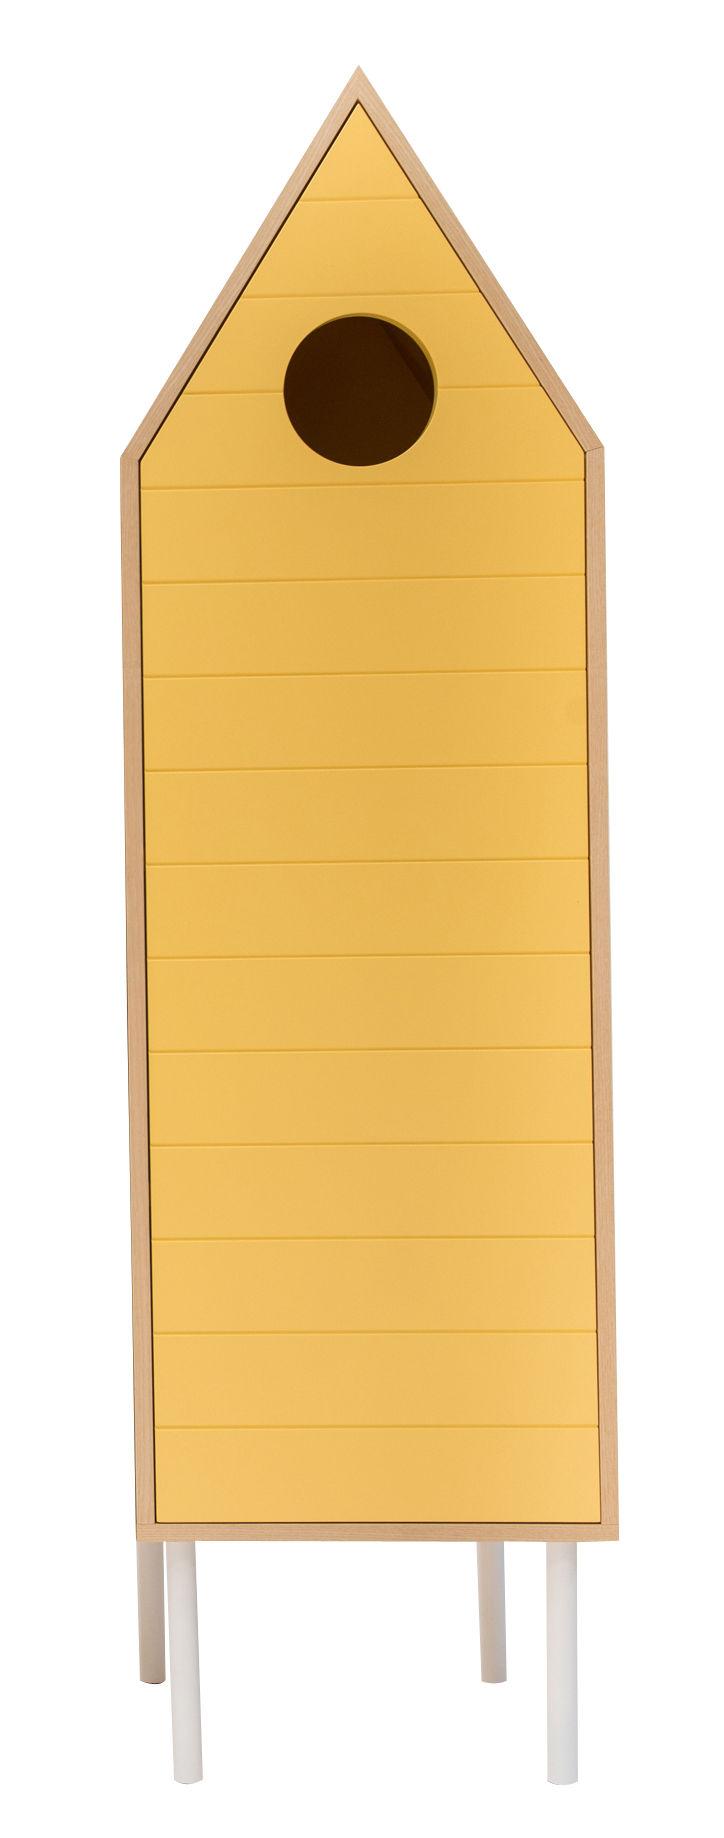 Mobilier - Meubles de rangement - Armoire Levante / Avec porte - L 50 x H 180 cm - Valsecchi 1918 - Bois clair / Jaune - Bois laqué, Contreplaqué de frêne, MDF peint